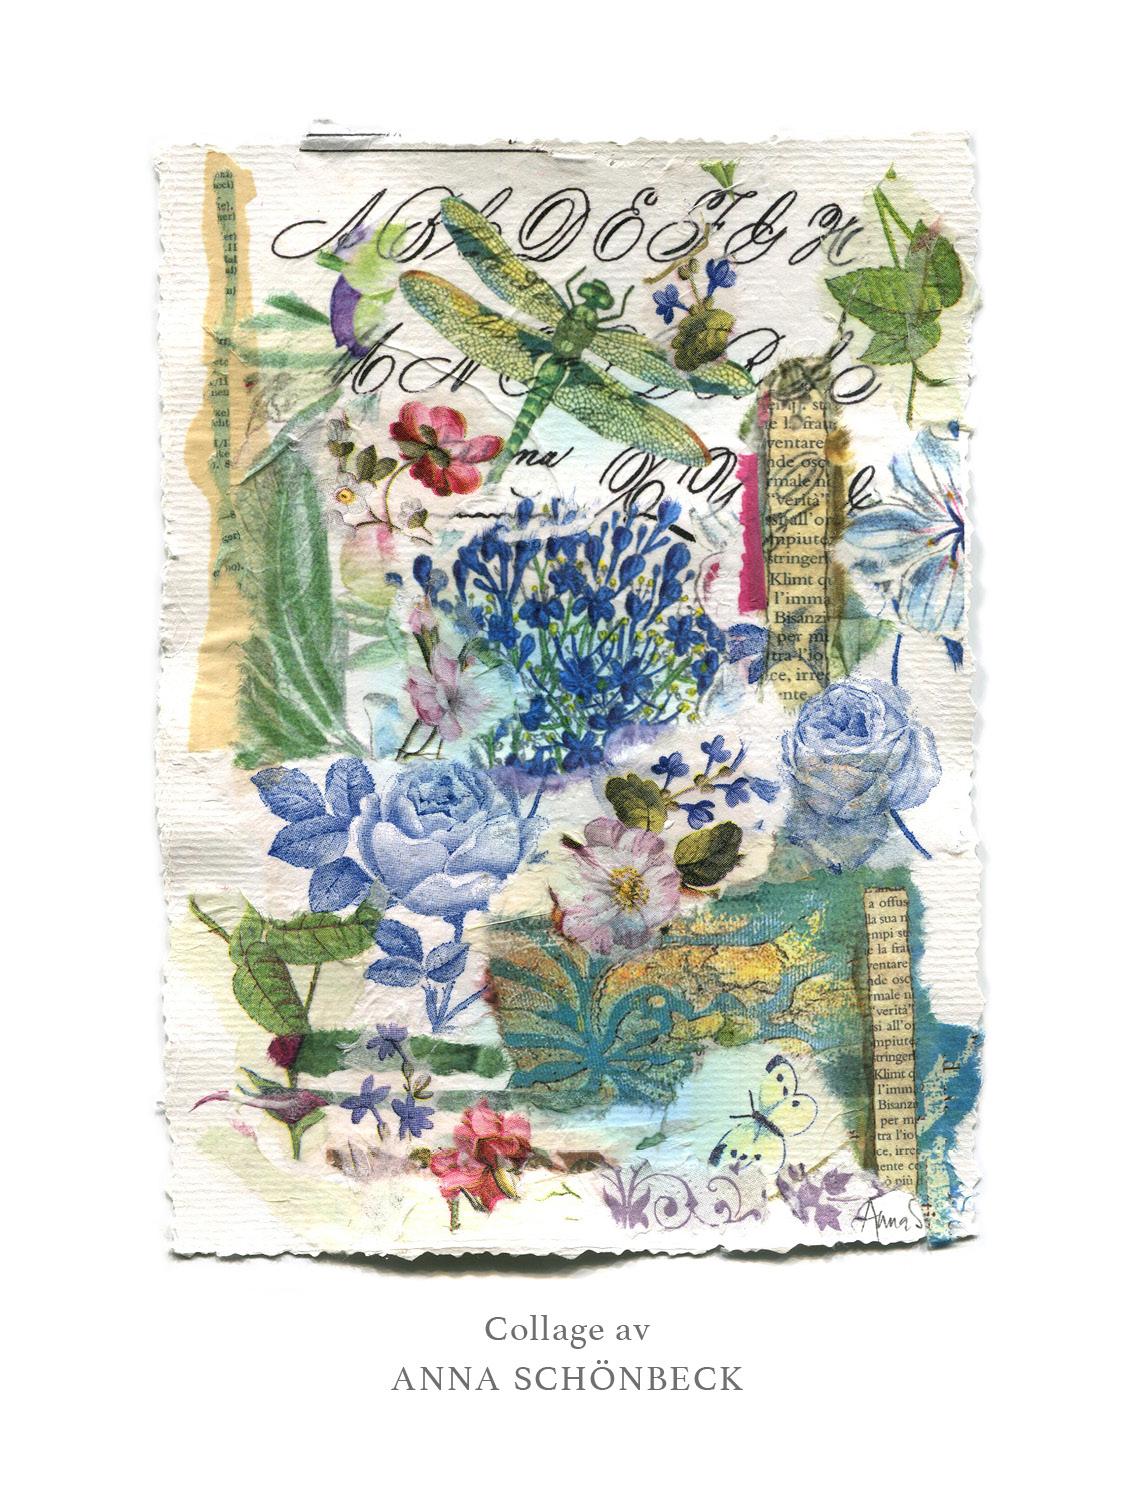 Collage 2, av Anna Schönbeck